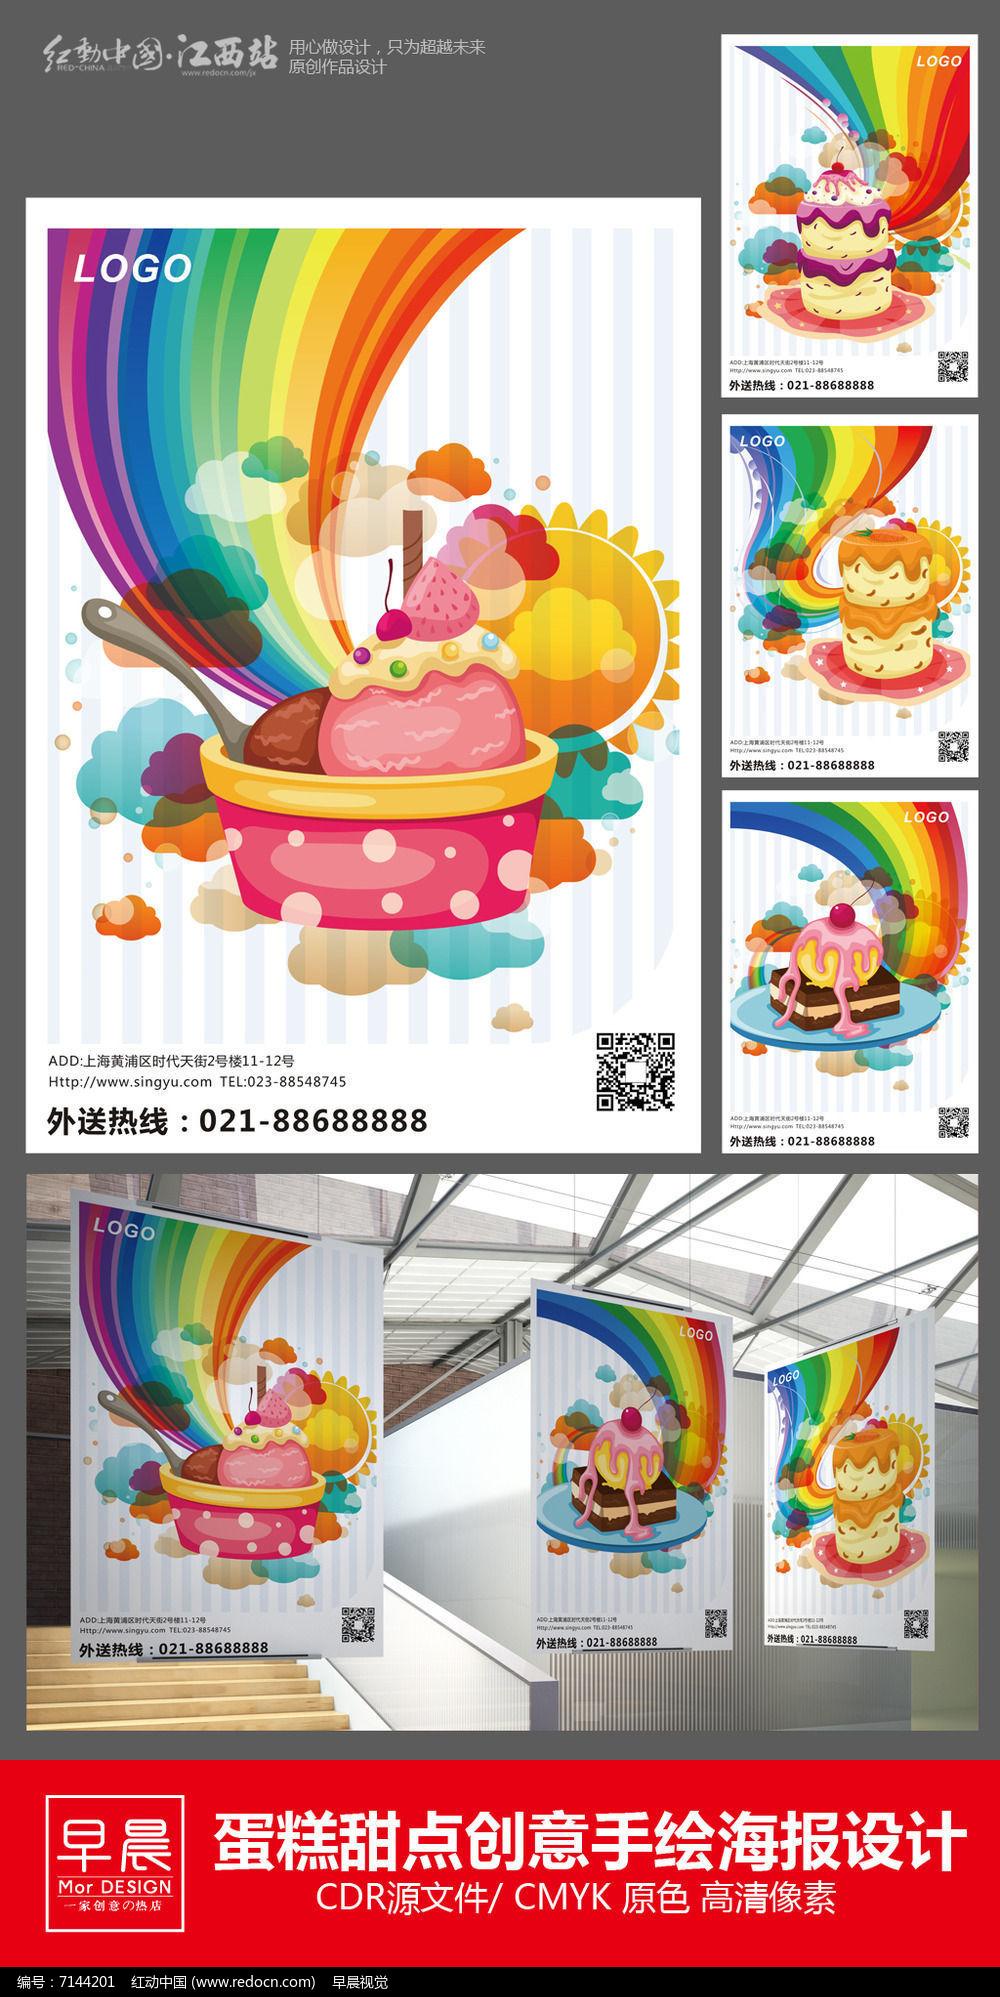 蛋糕甜点创意手绘海报cdr素材下载_海报设计图片